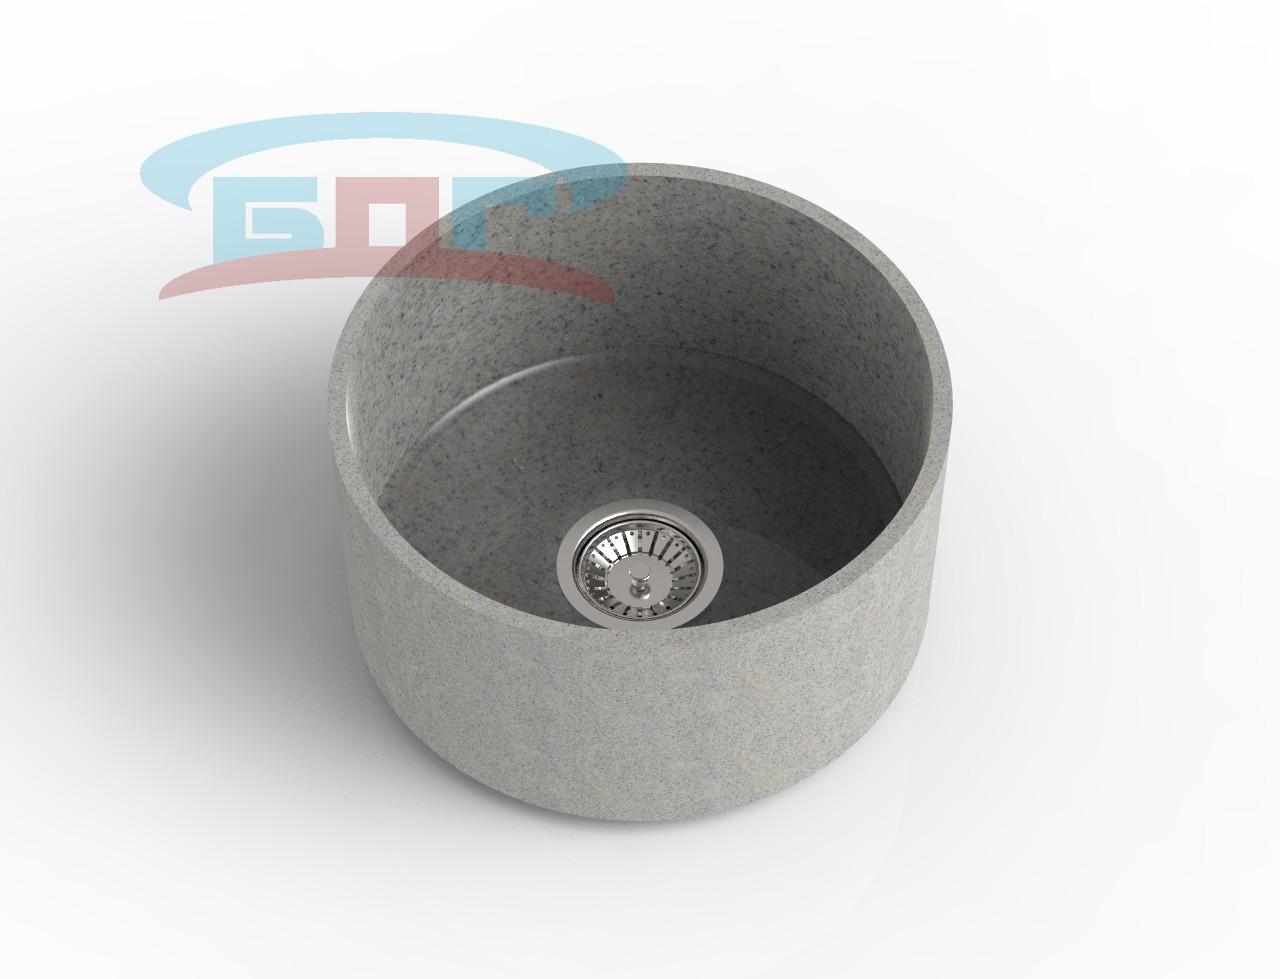 Мойка круглая из искусственного камня с артикулом С-450с Размеры чаши: d-400мм Глубина чаши: 205мм Сливное отверстие по центру